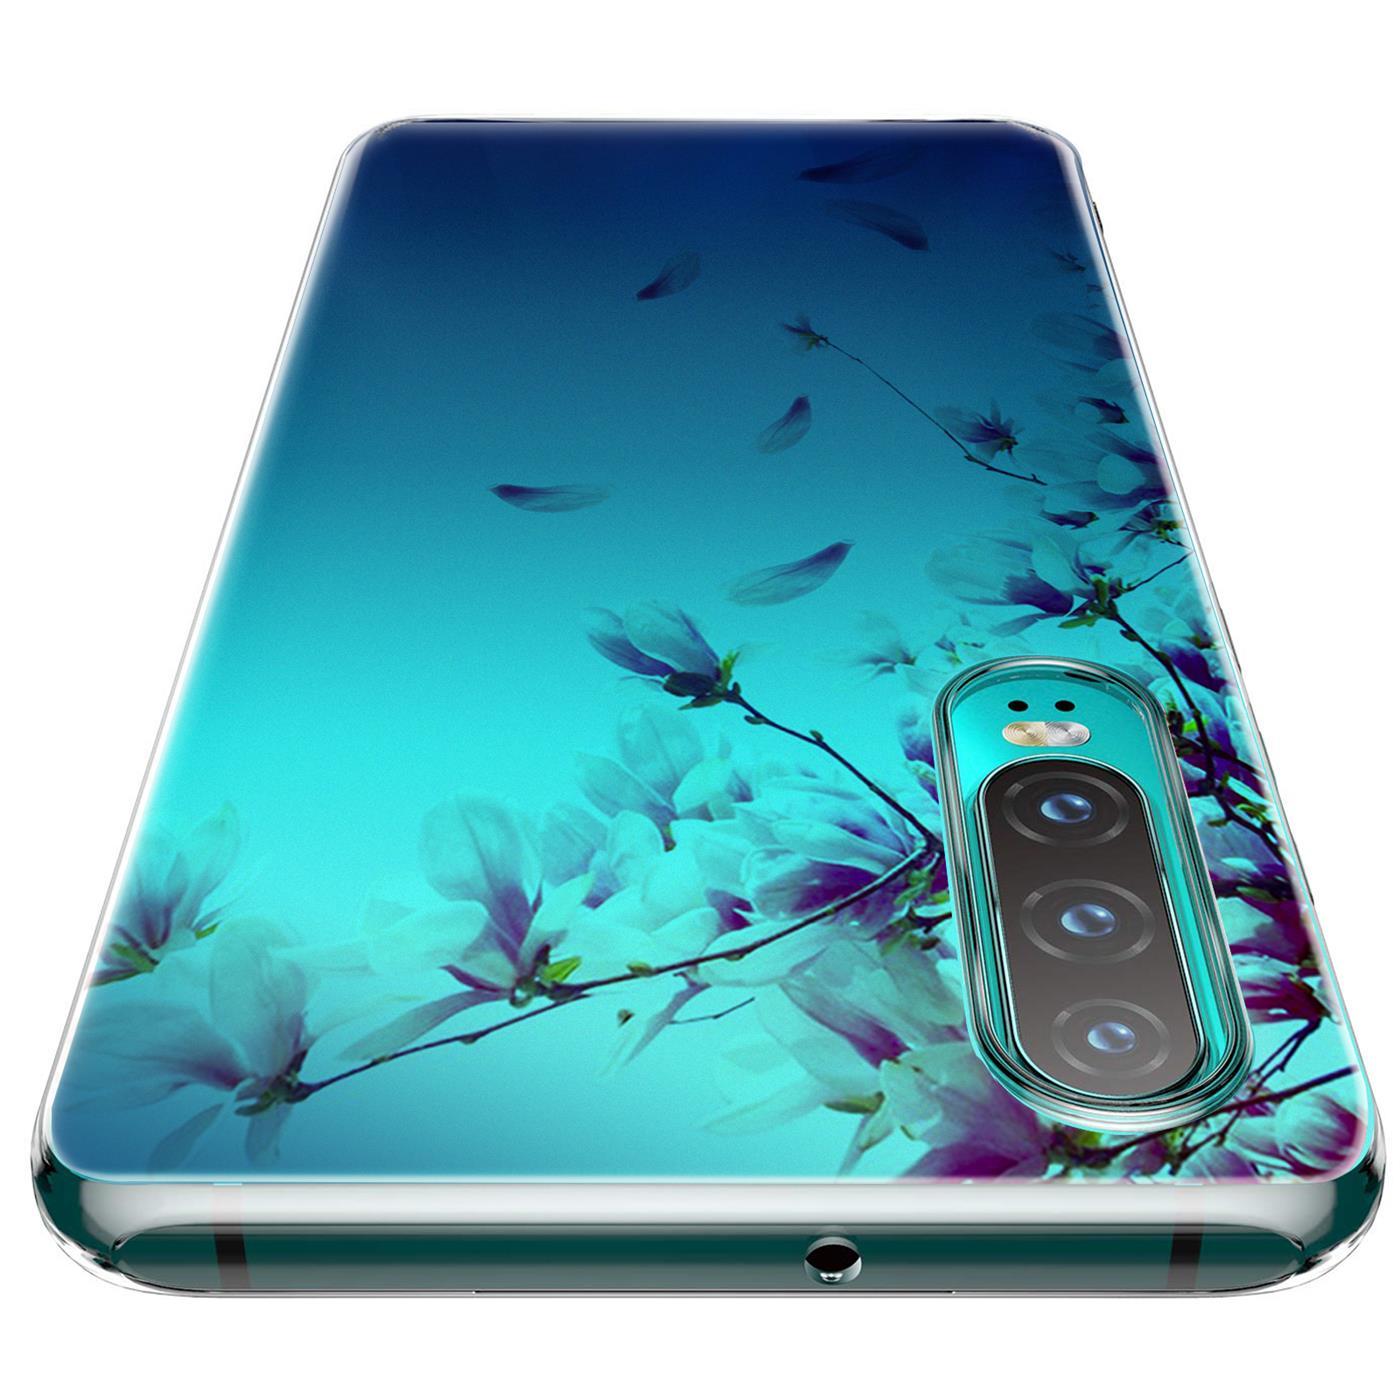 Huawei-P30-Lite-Motiv-Handy-Huelle-Silikon-Tasche-Schutzhuelle-Cover-Slim-TPU-Case Indexbild 36